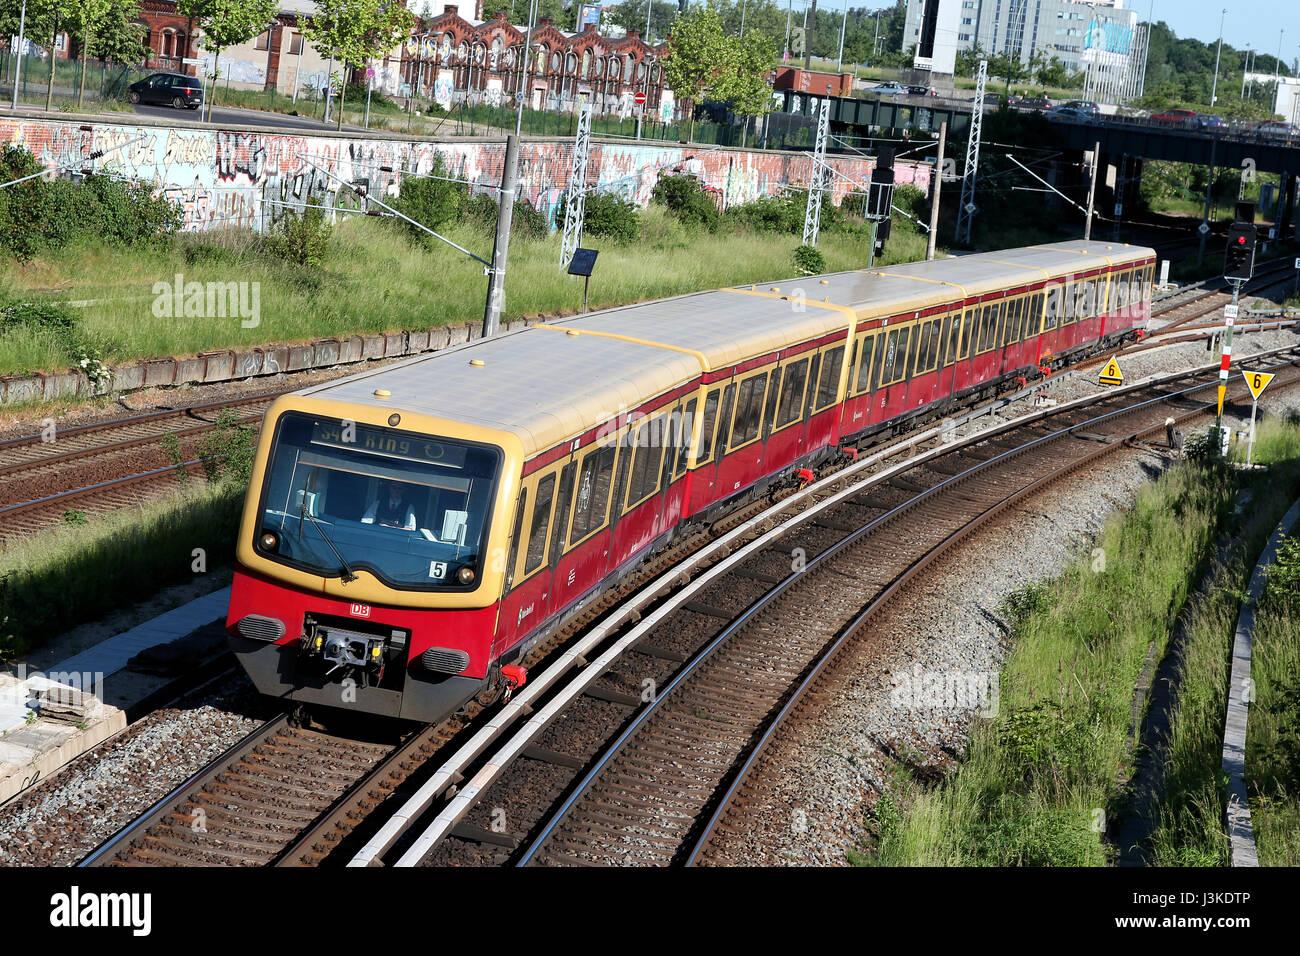 Klasse 481 Zug der Berliner S-Bahn, eine s-Bahn Eisenbahn-System in und um Berlin, die Hauptstadt Deutschlands. Stockfoto